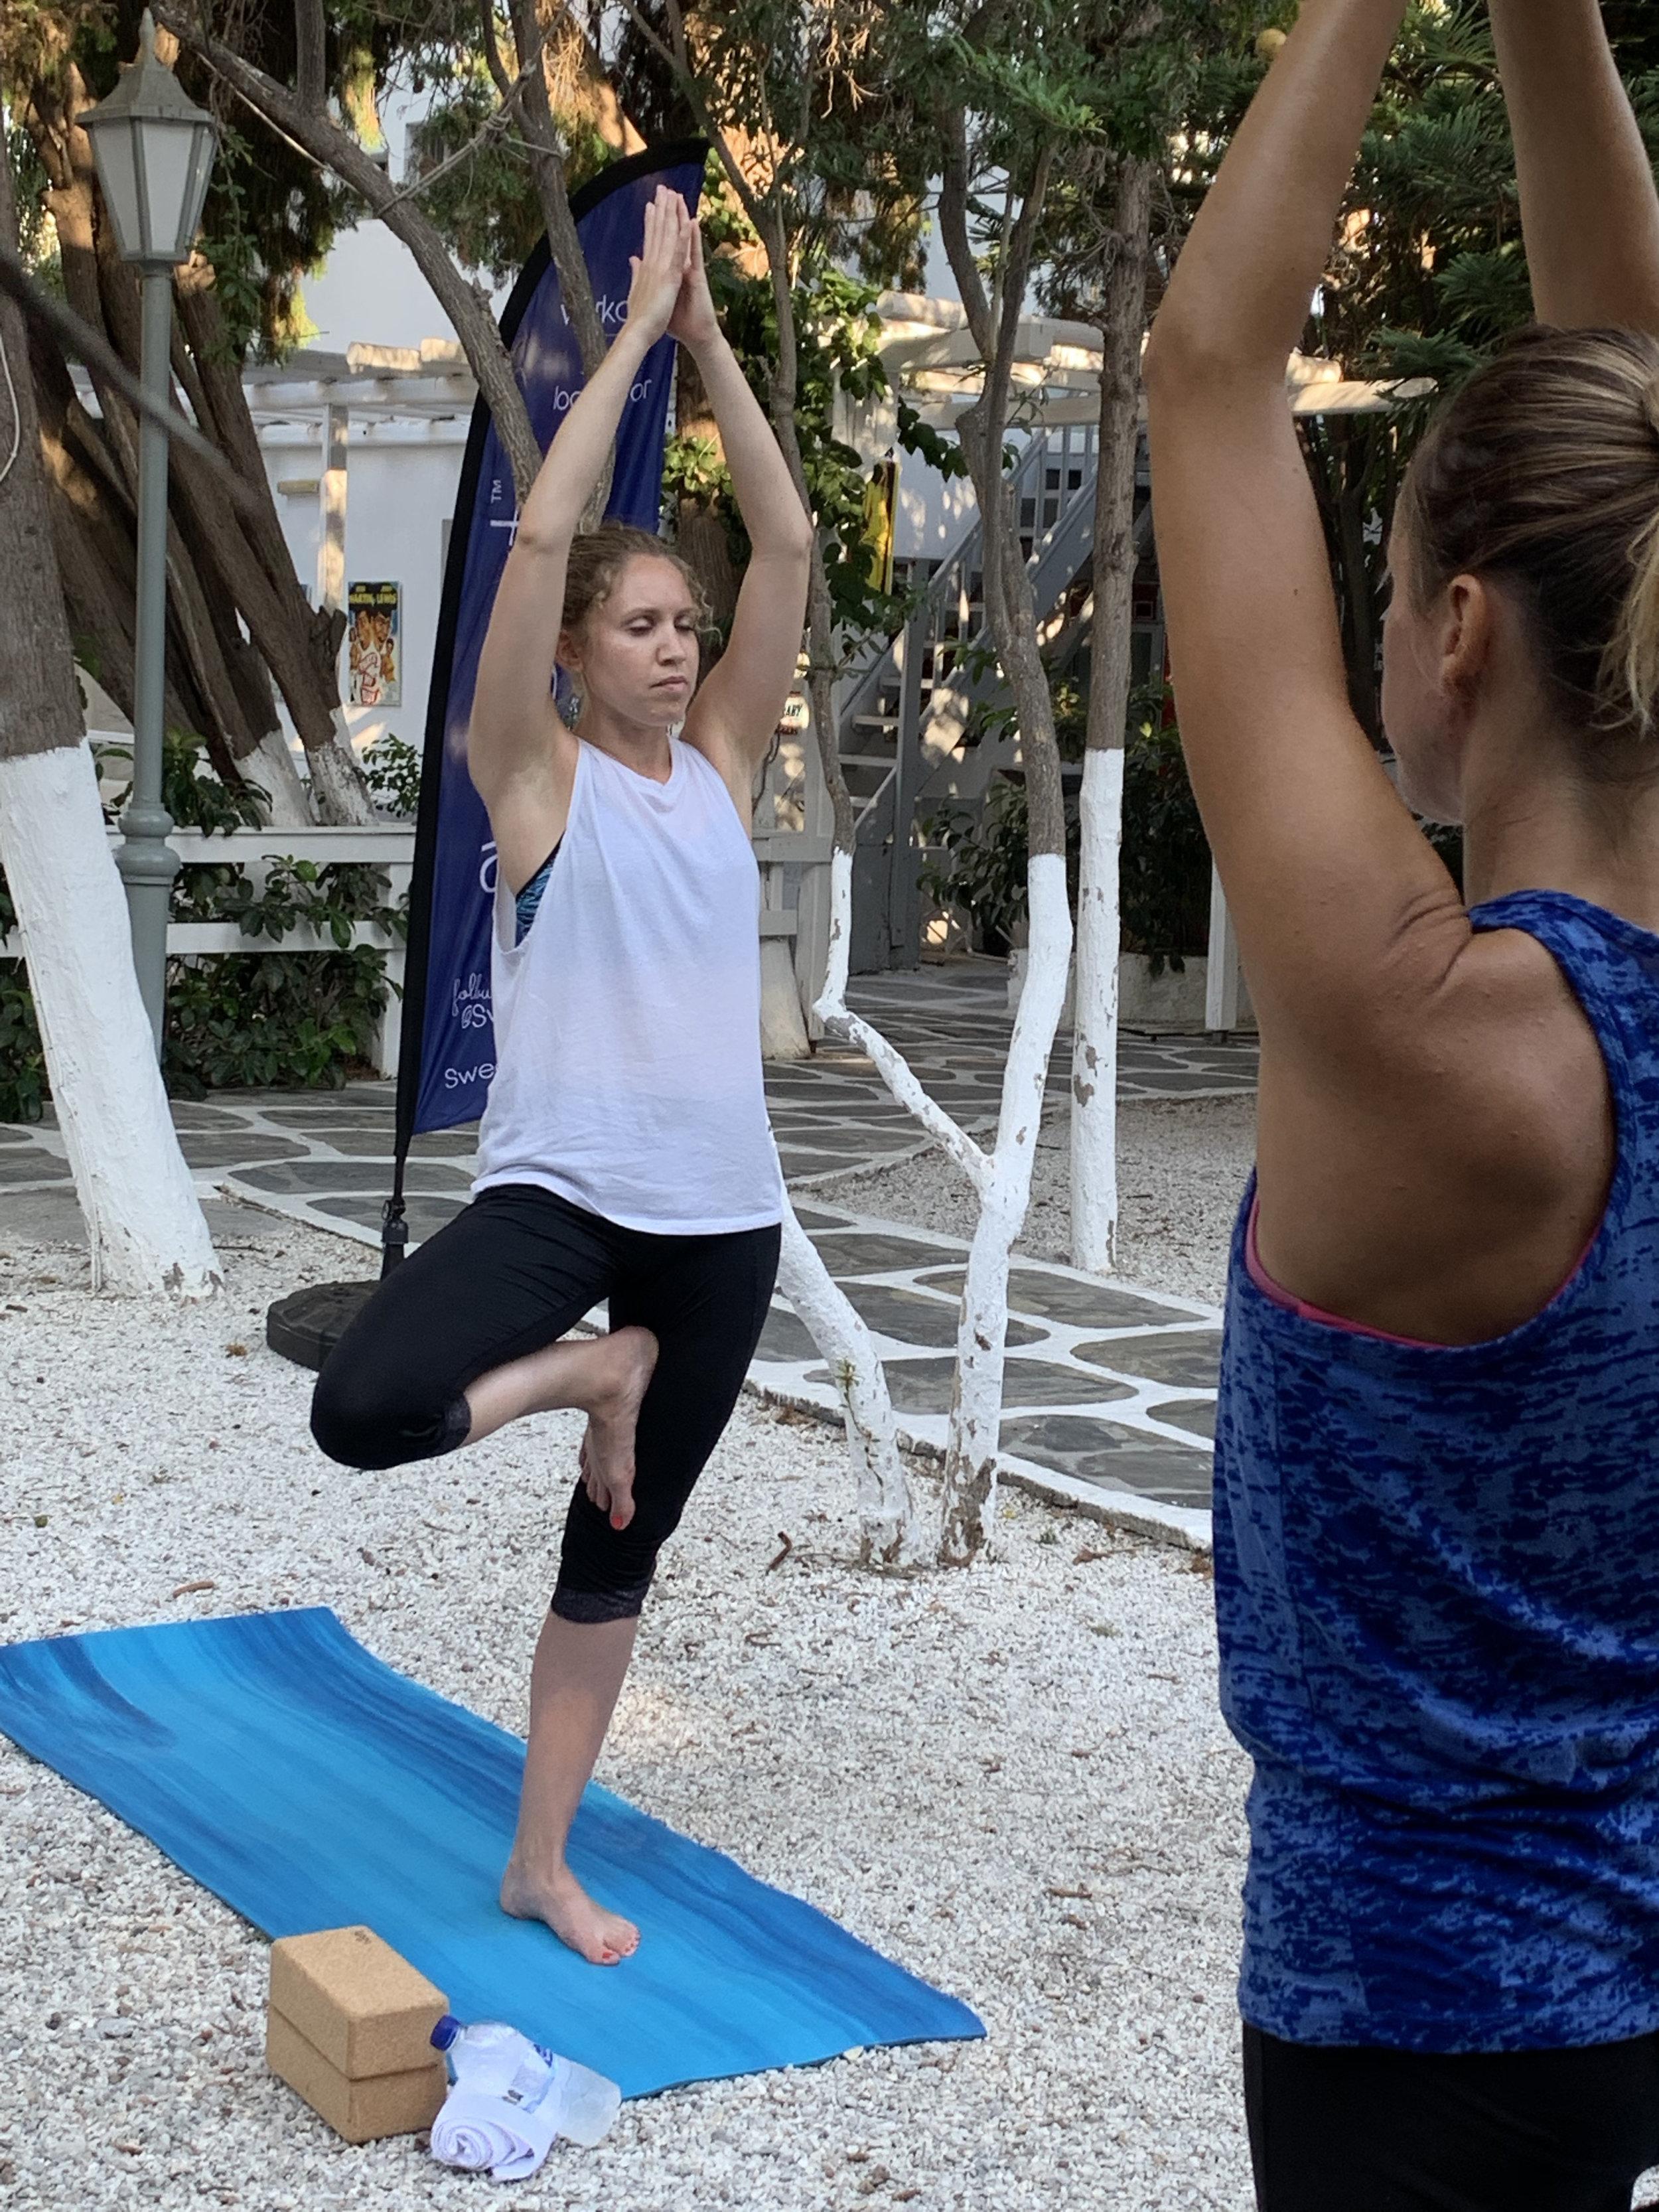 CM yoga Aug 26 e.jpg